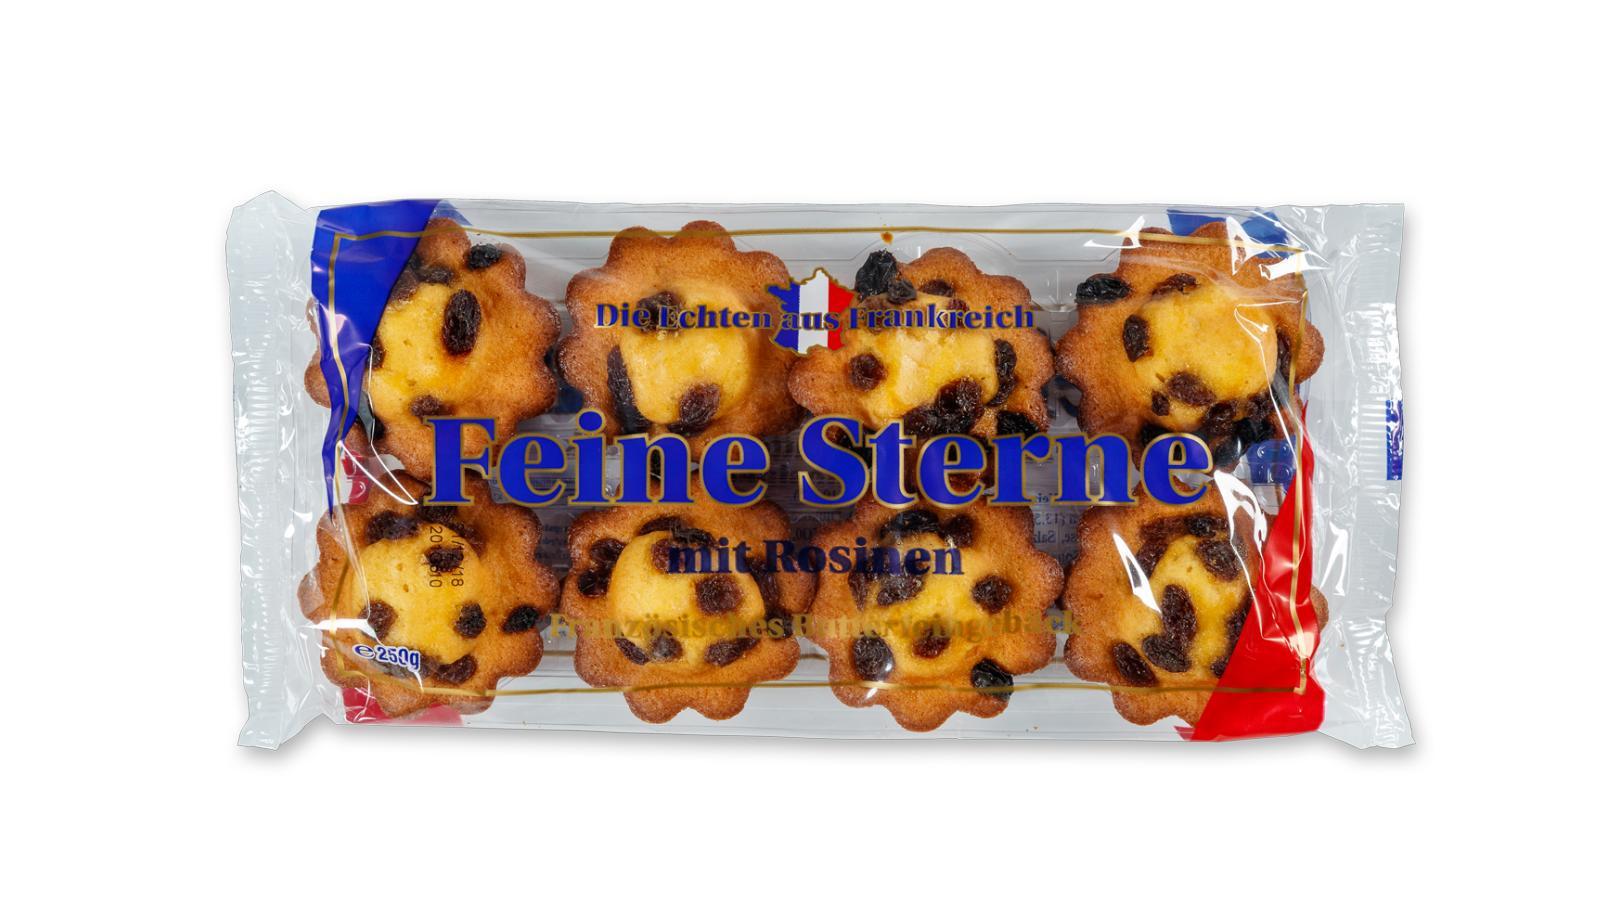 """PICO Food ruft bestimmte Gebäckartikel """"Feine Sterne"""" zurück."""